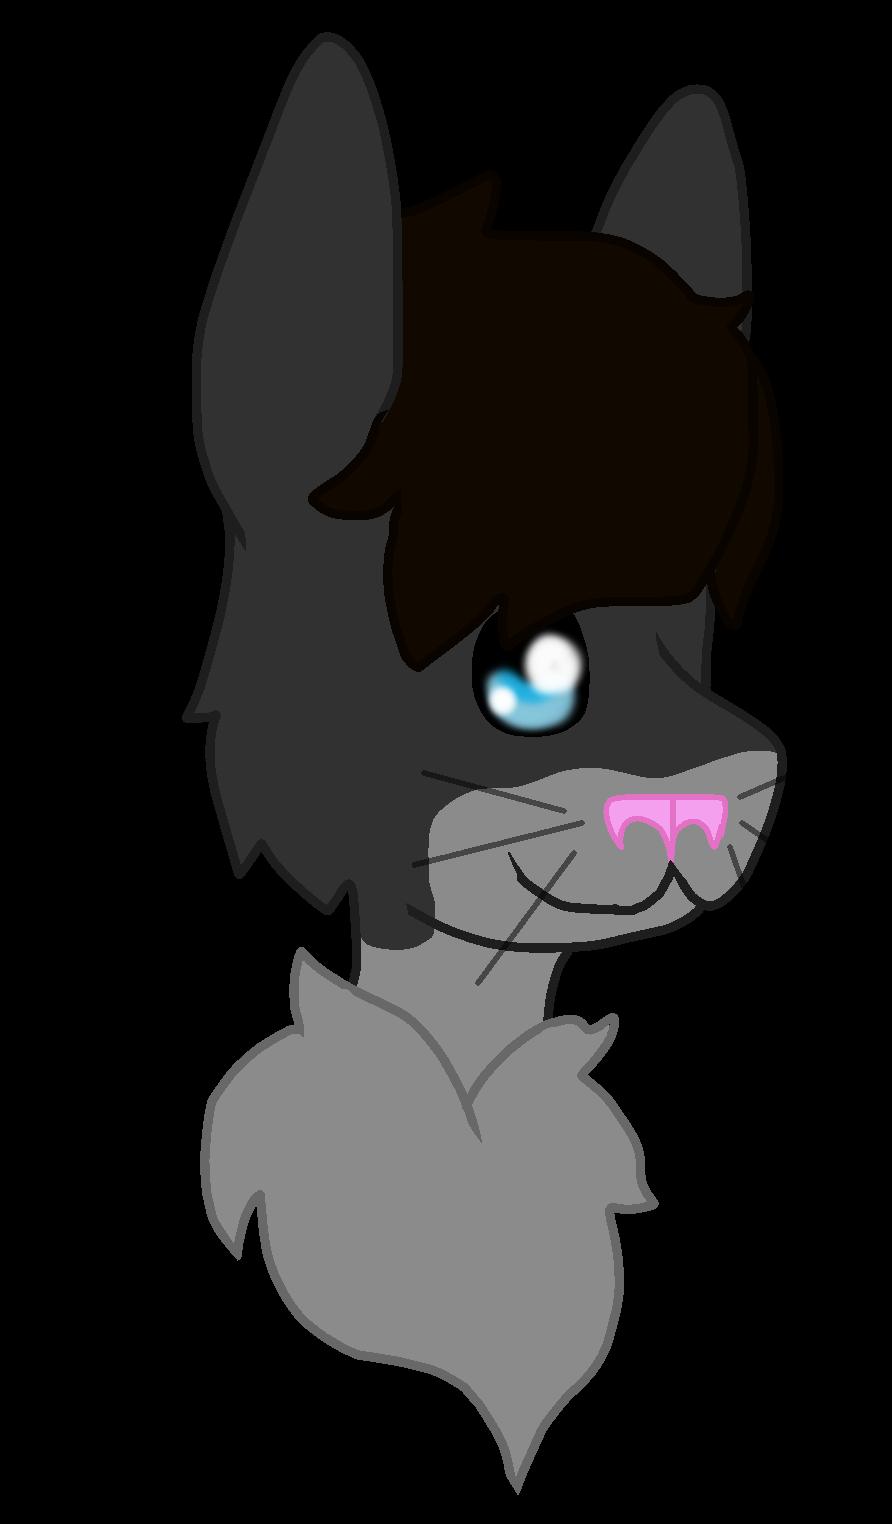 AskOncelercat's Profile Picture